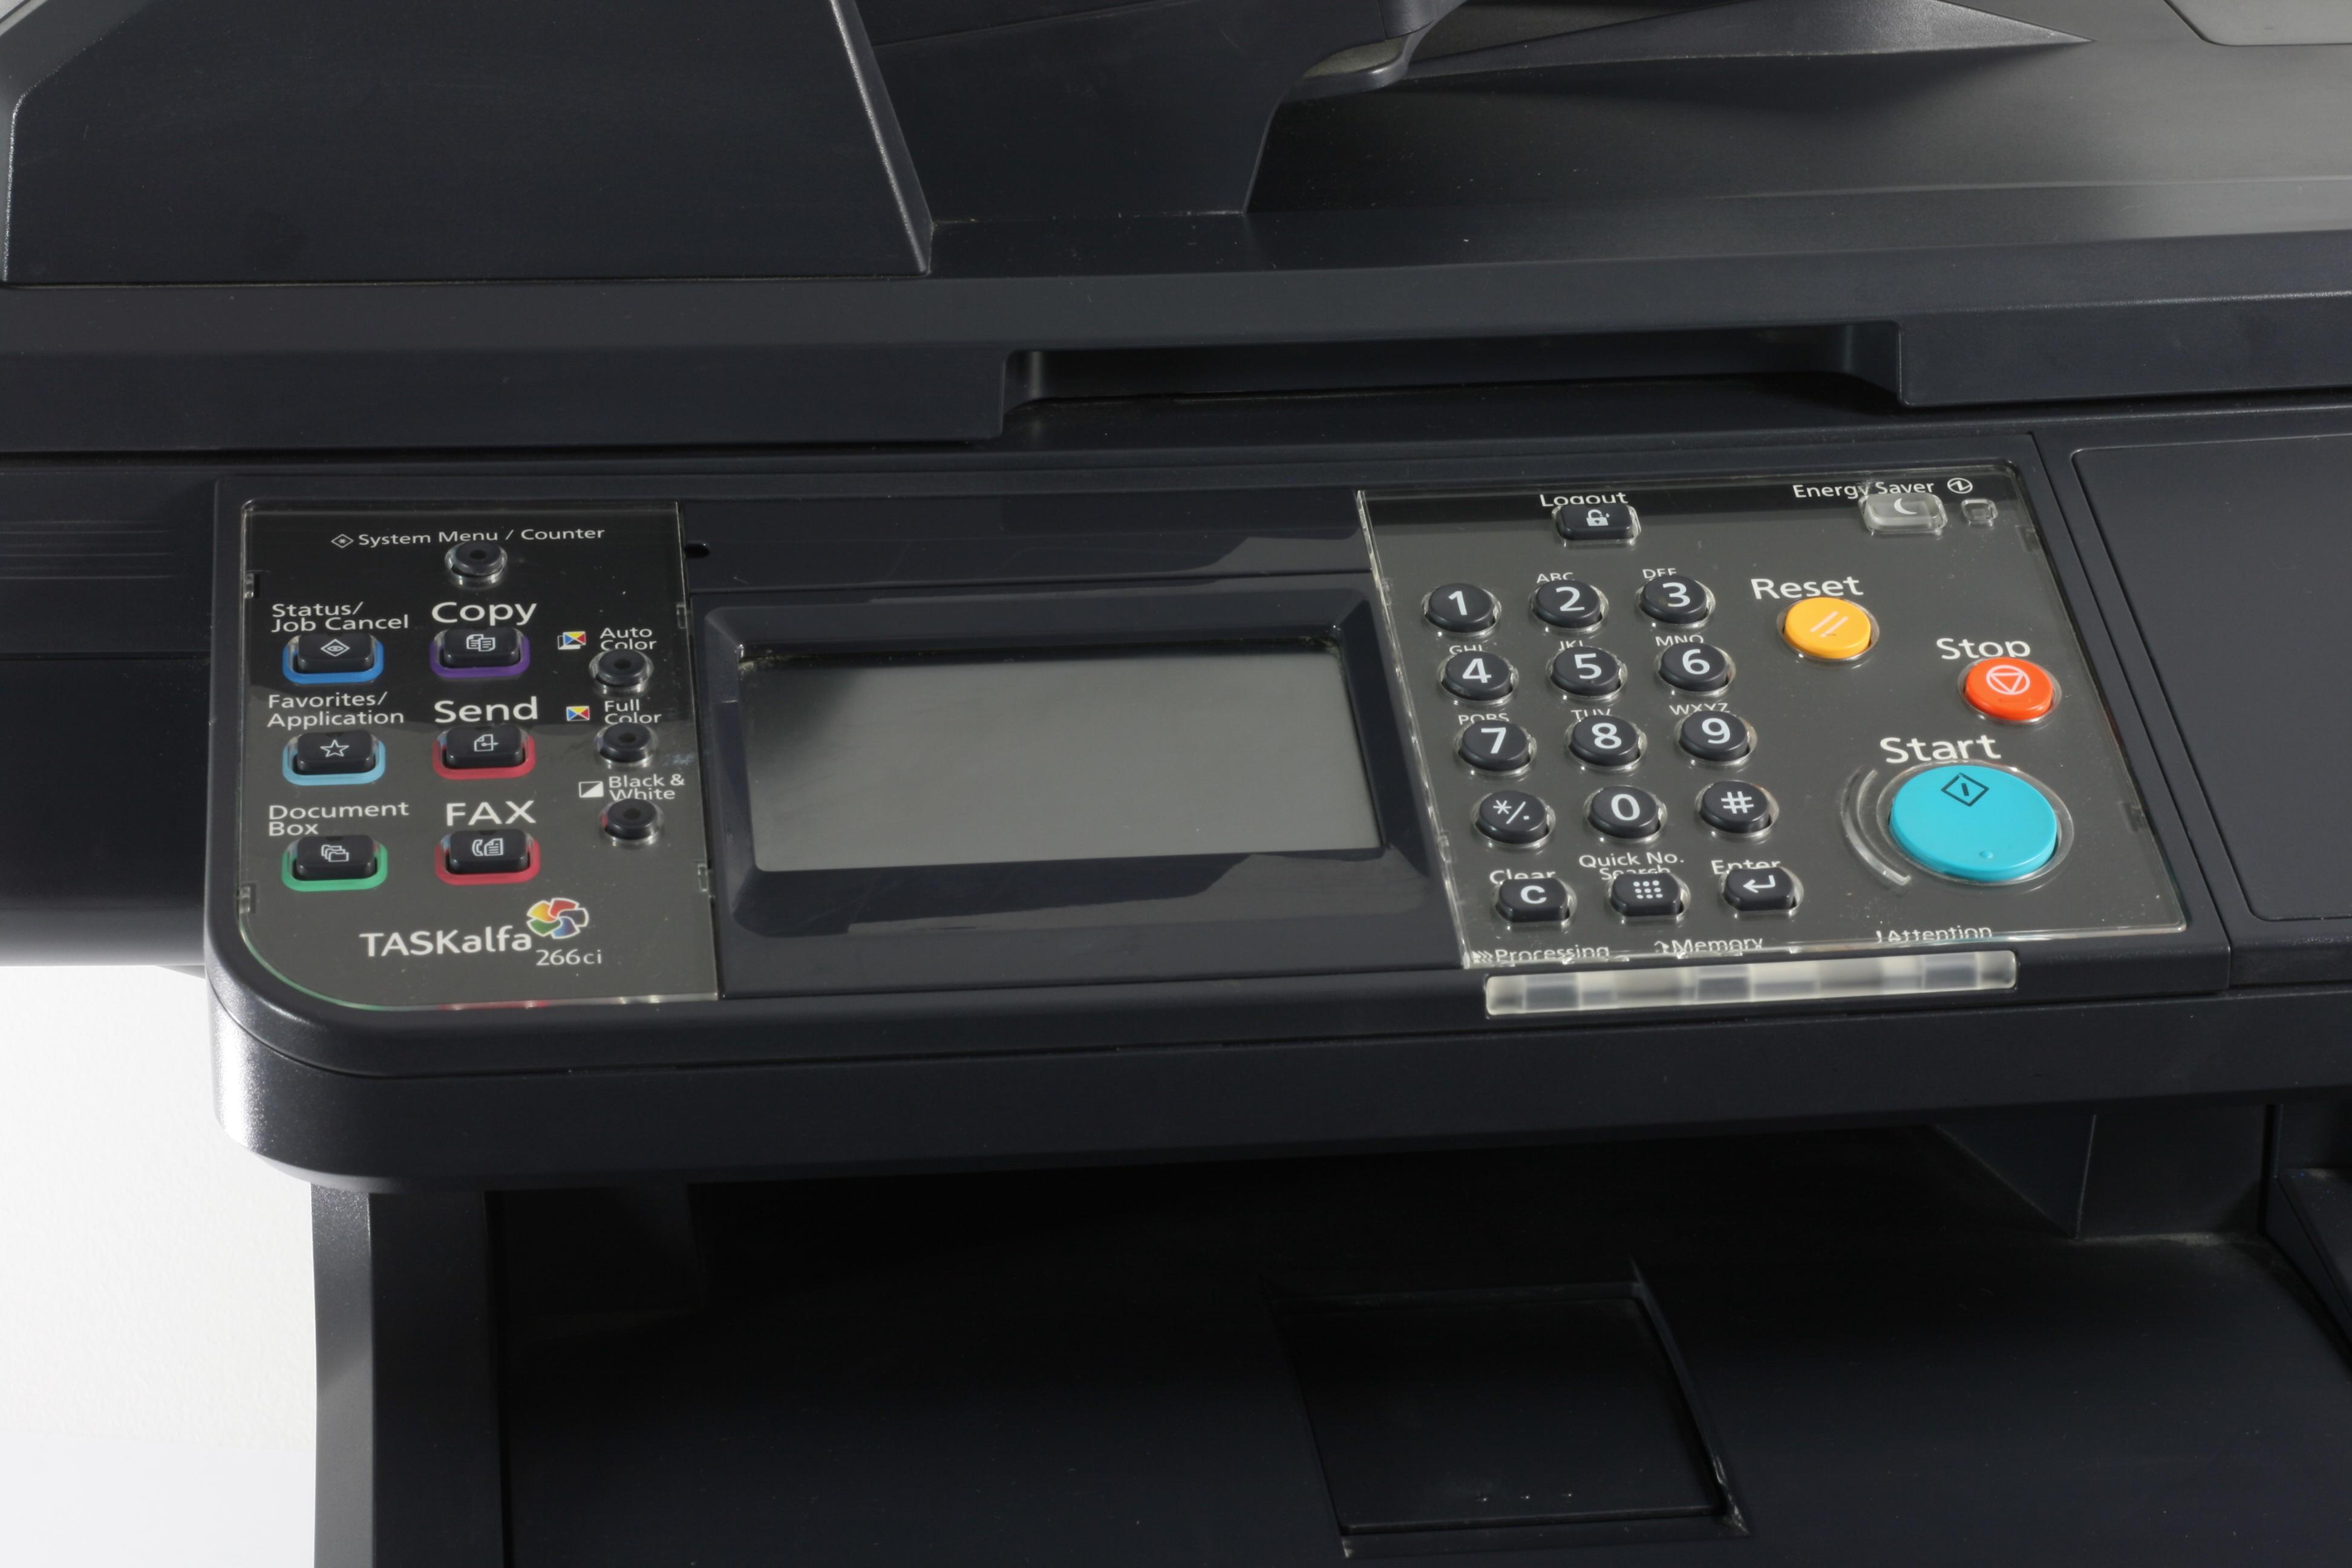 Kyocera Taskalfa 266ci MFP Drucker Laserdrucker Kopierer Scanner Fax Color gebraucht /  unter 100.000 Seiten